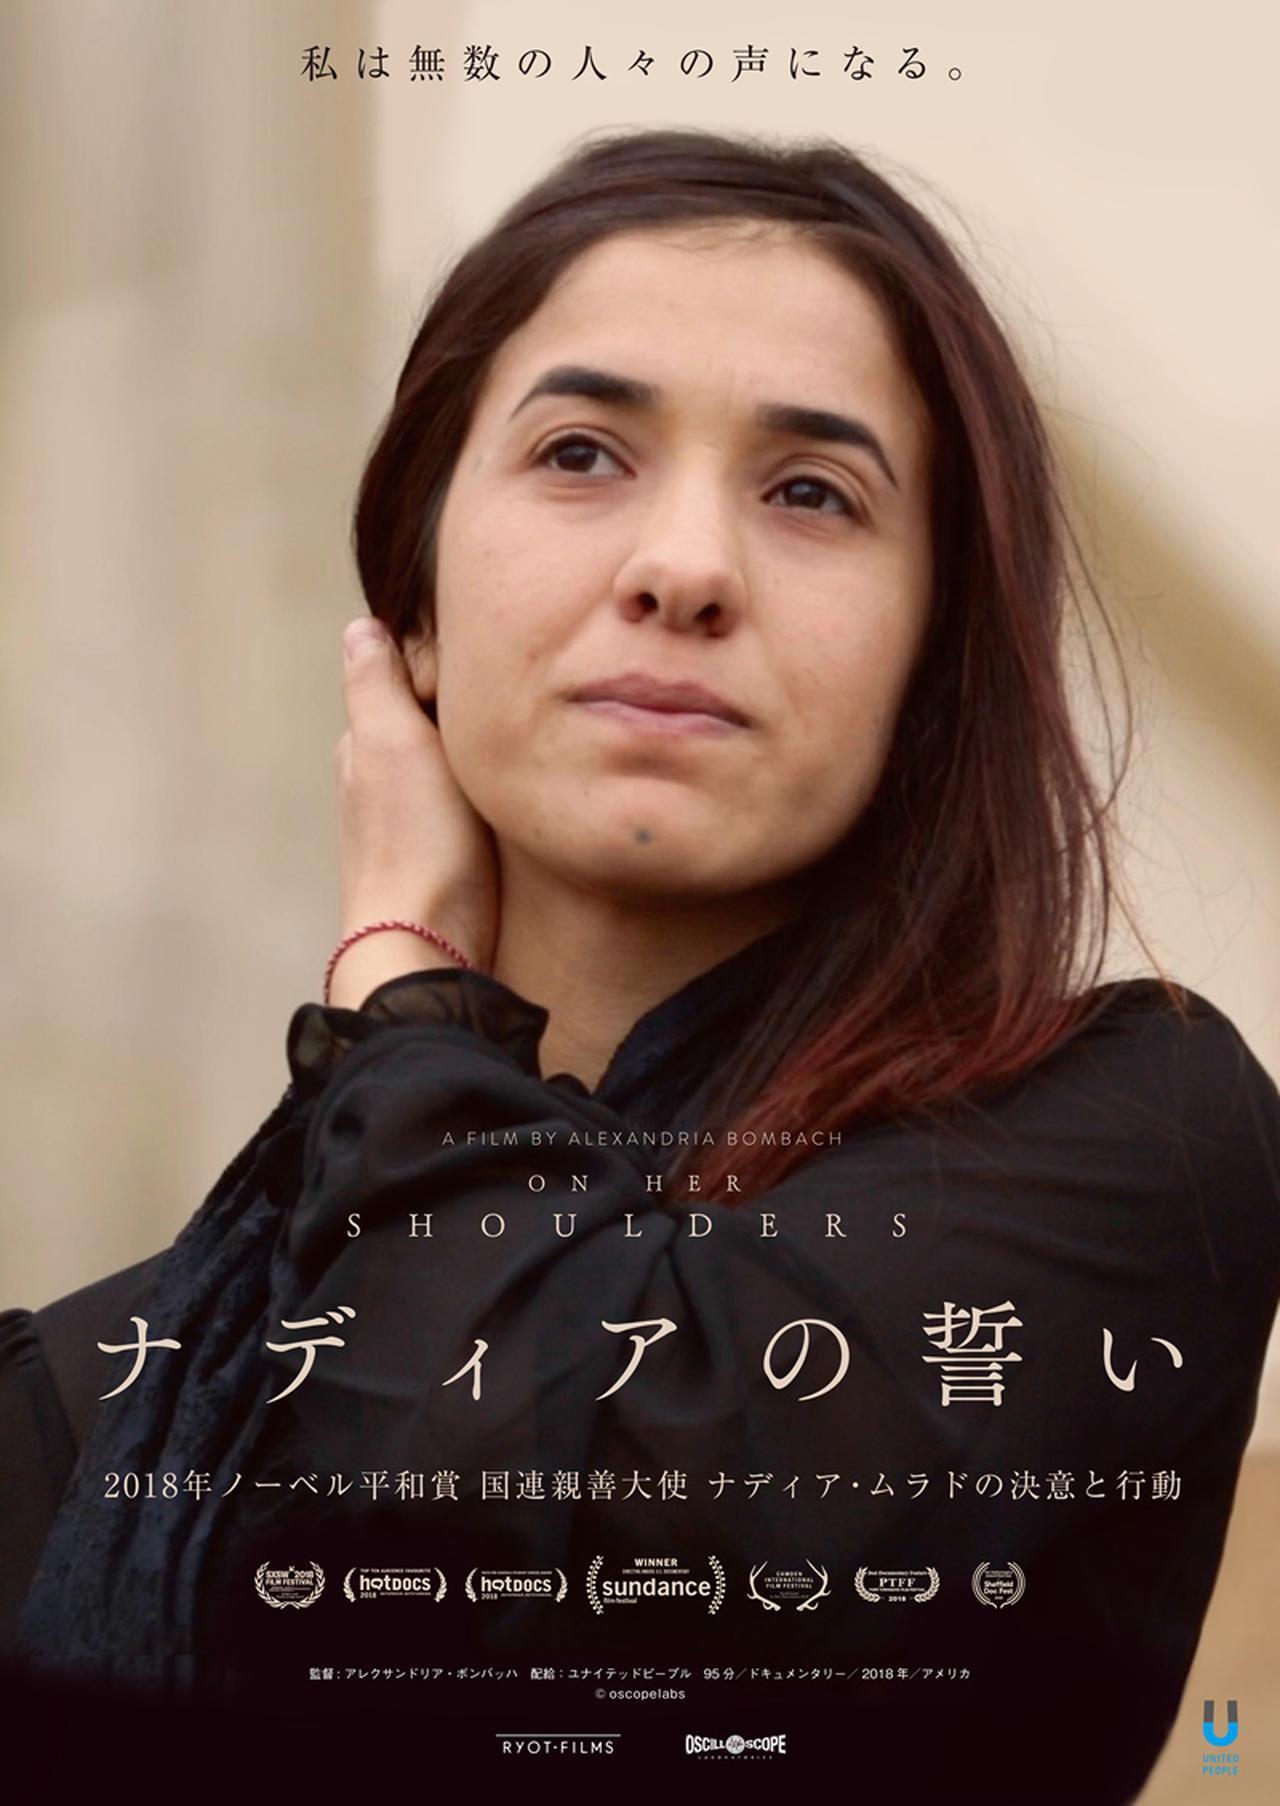 画像: ISISによる虐殺と性奴隷から逃れ、ノーベル平和賞受賞した23歳のナディア・ムラドに密着した感涙のドキュメンタリー『ナディアの誓い - On Her Shoulders』